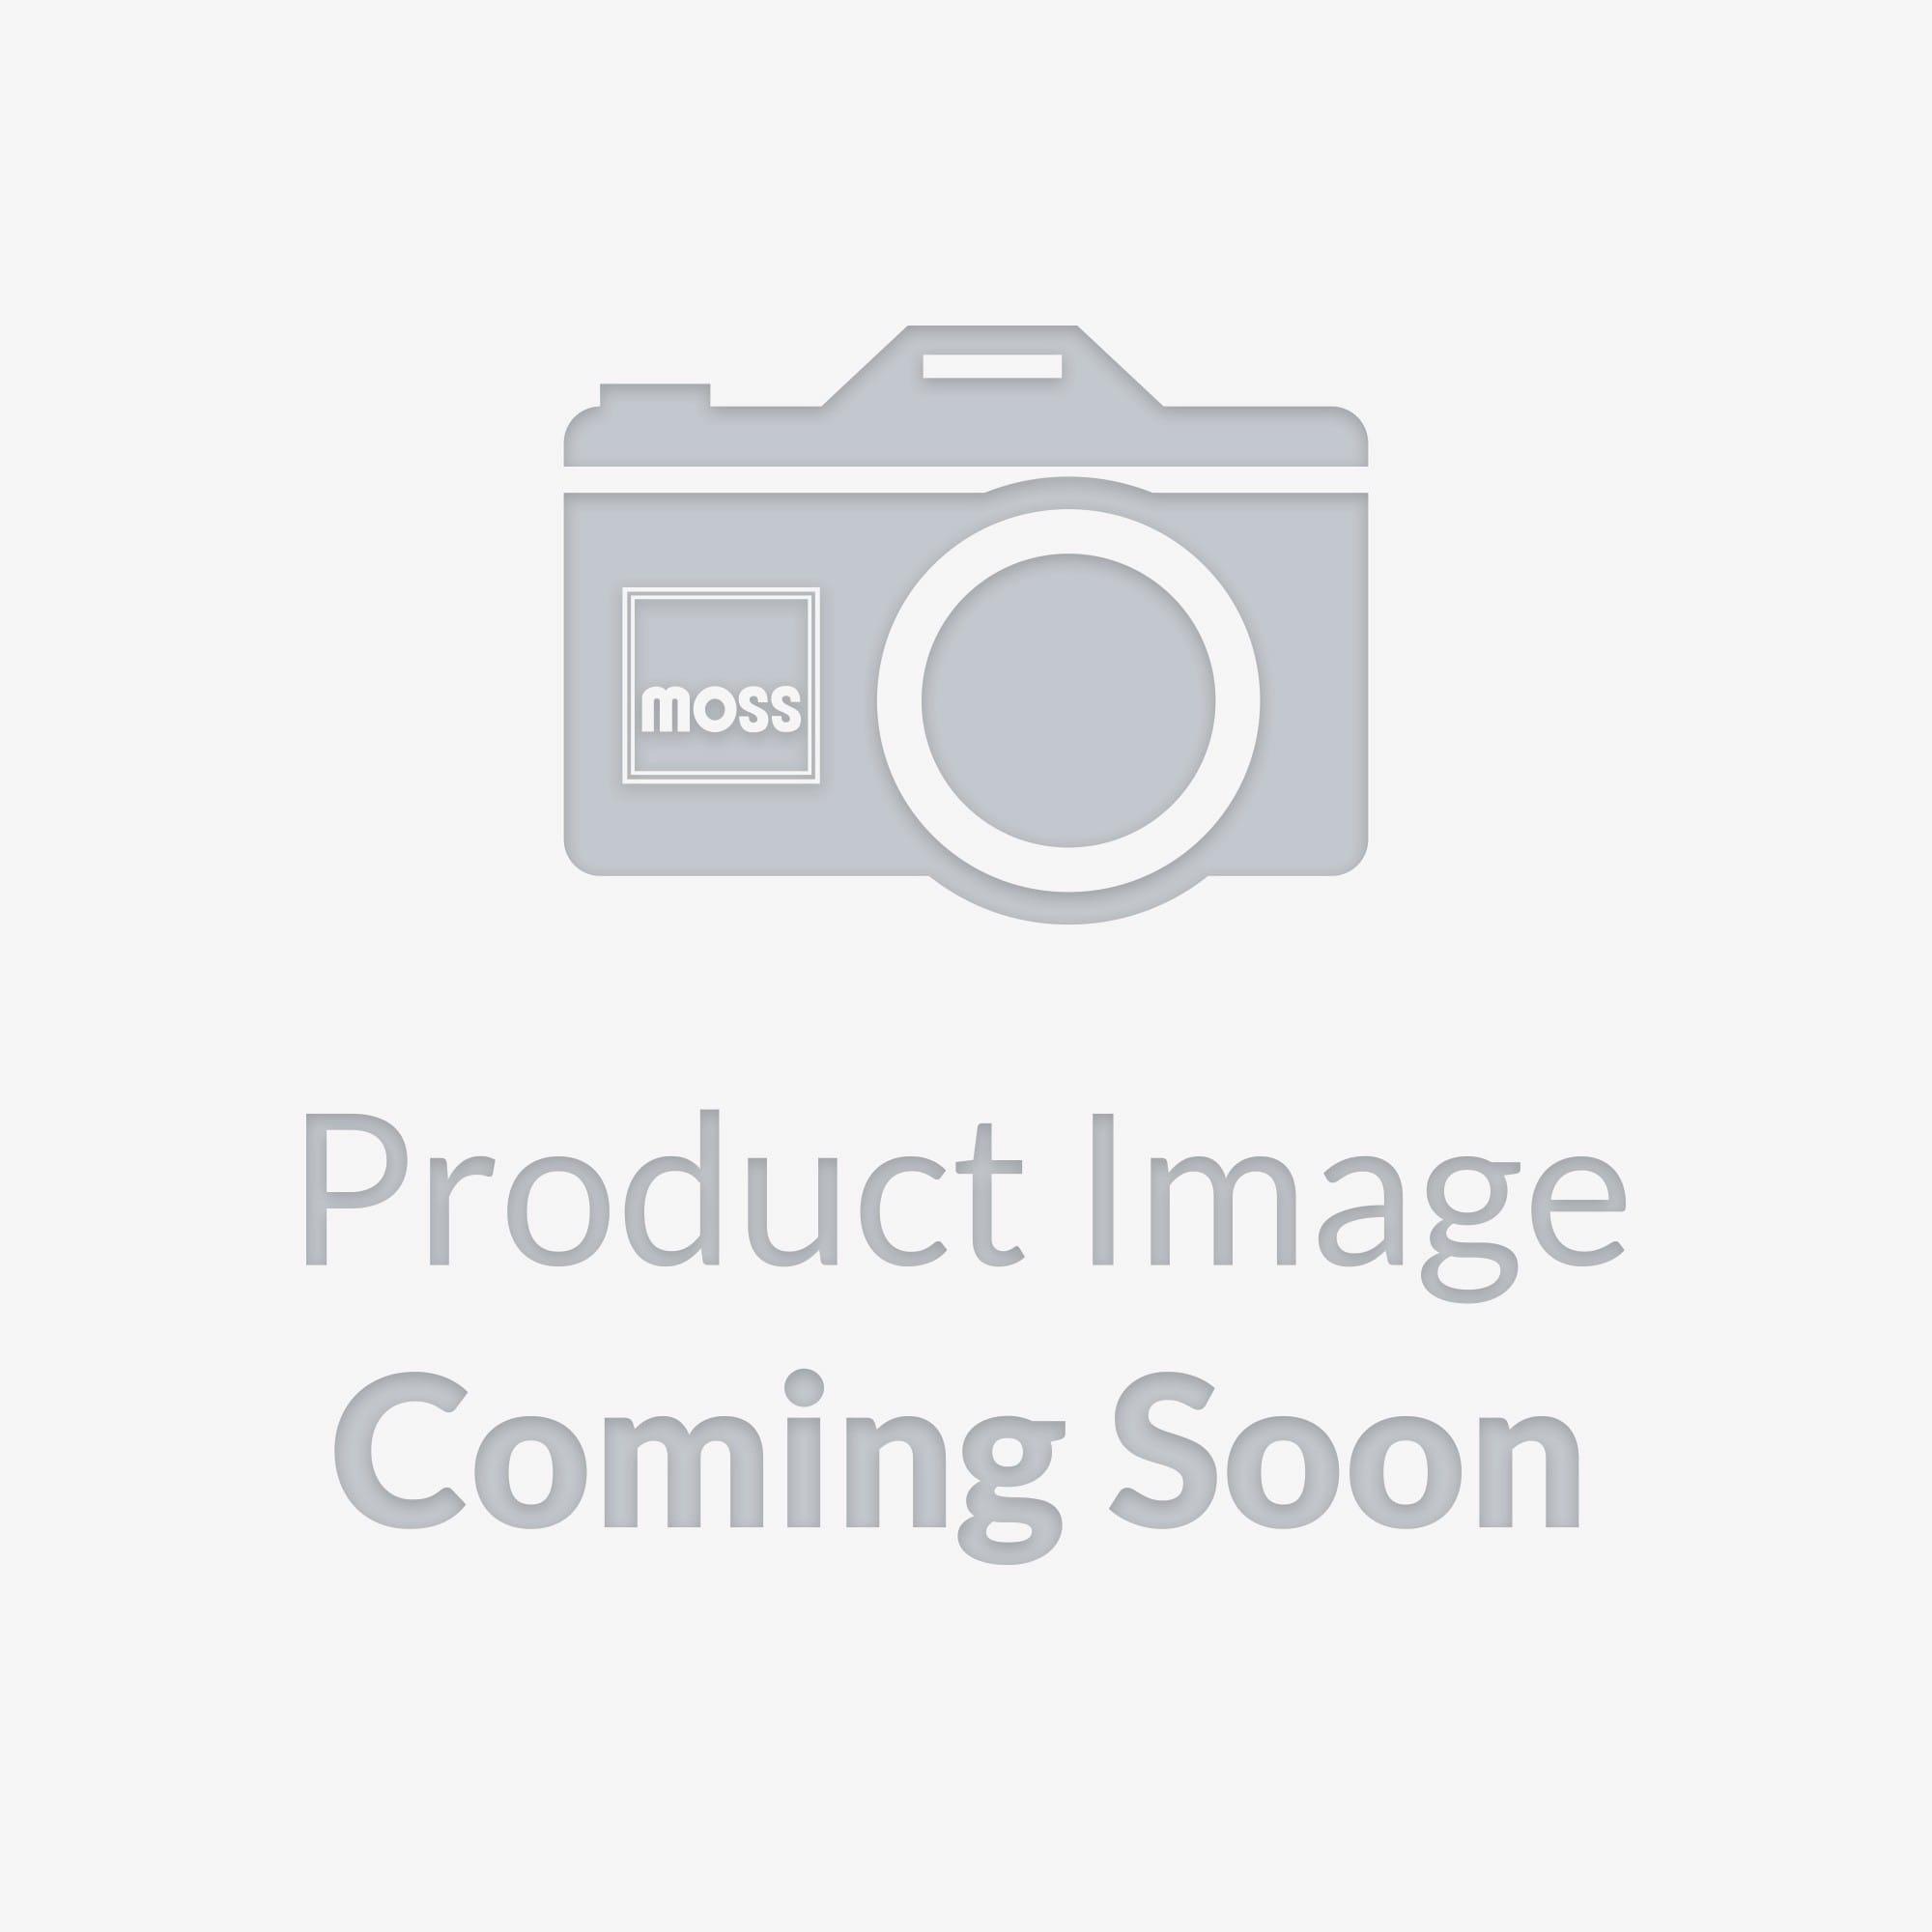 356-180_1 Jaguar E Type Wiring Diagram on audi 80 wiring diagram, jaguar xj6 exhast diagram, jaguar x-type engine compartment diagram, honda wiring diagram, toyota wiring diagram, triumph wiring diagram, jaguar e type transmission, chevrolet wiring diagram, jaguar e type engine, jaguar e type accessories, jaguar x-type repair manual, vw type 3 wiring diagram, bentley wiring diagram, mgb wiring diagram, bmw wiring diagram, volvo wiring diagram, volkswagen wiring diagram, dodge wiring diagram, e-type jaguar fuel gauge diagram, ford wiring diagram,